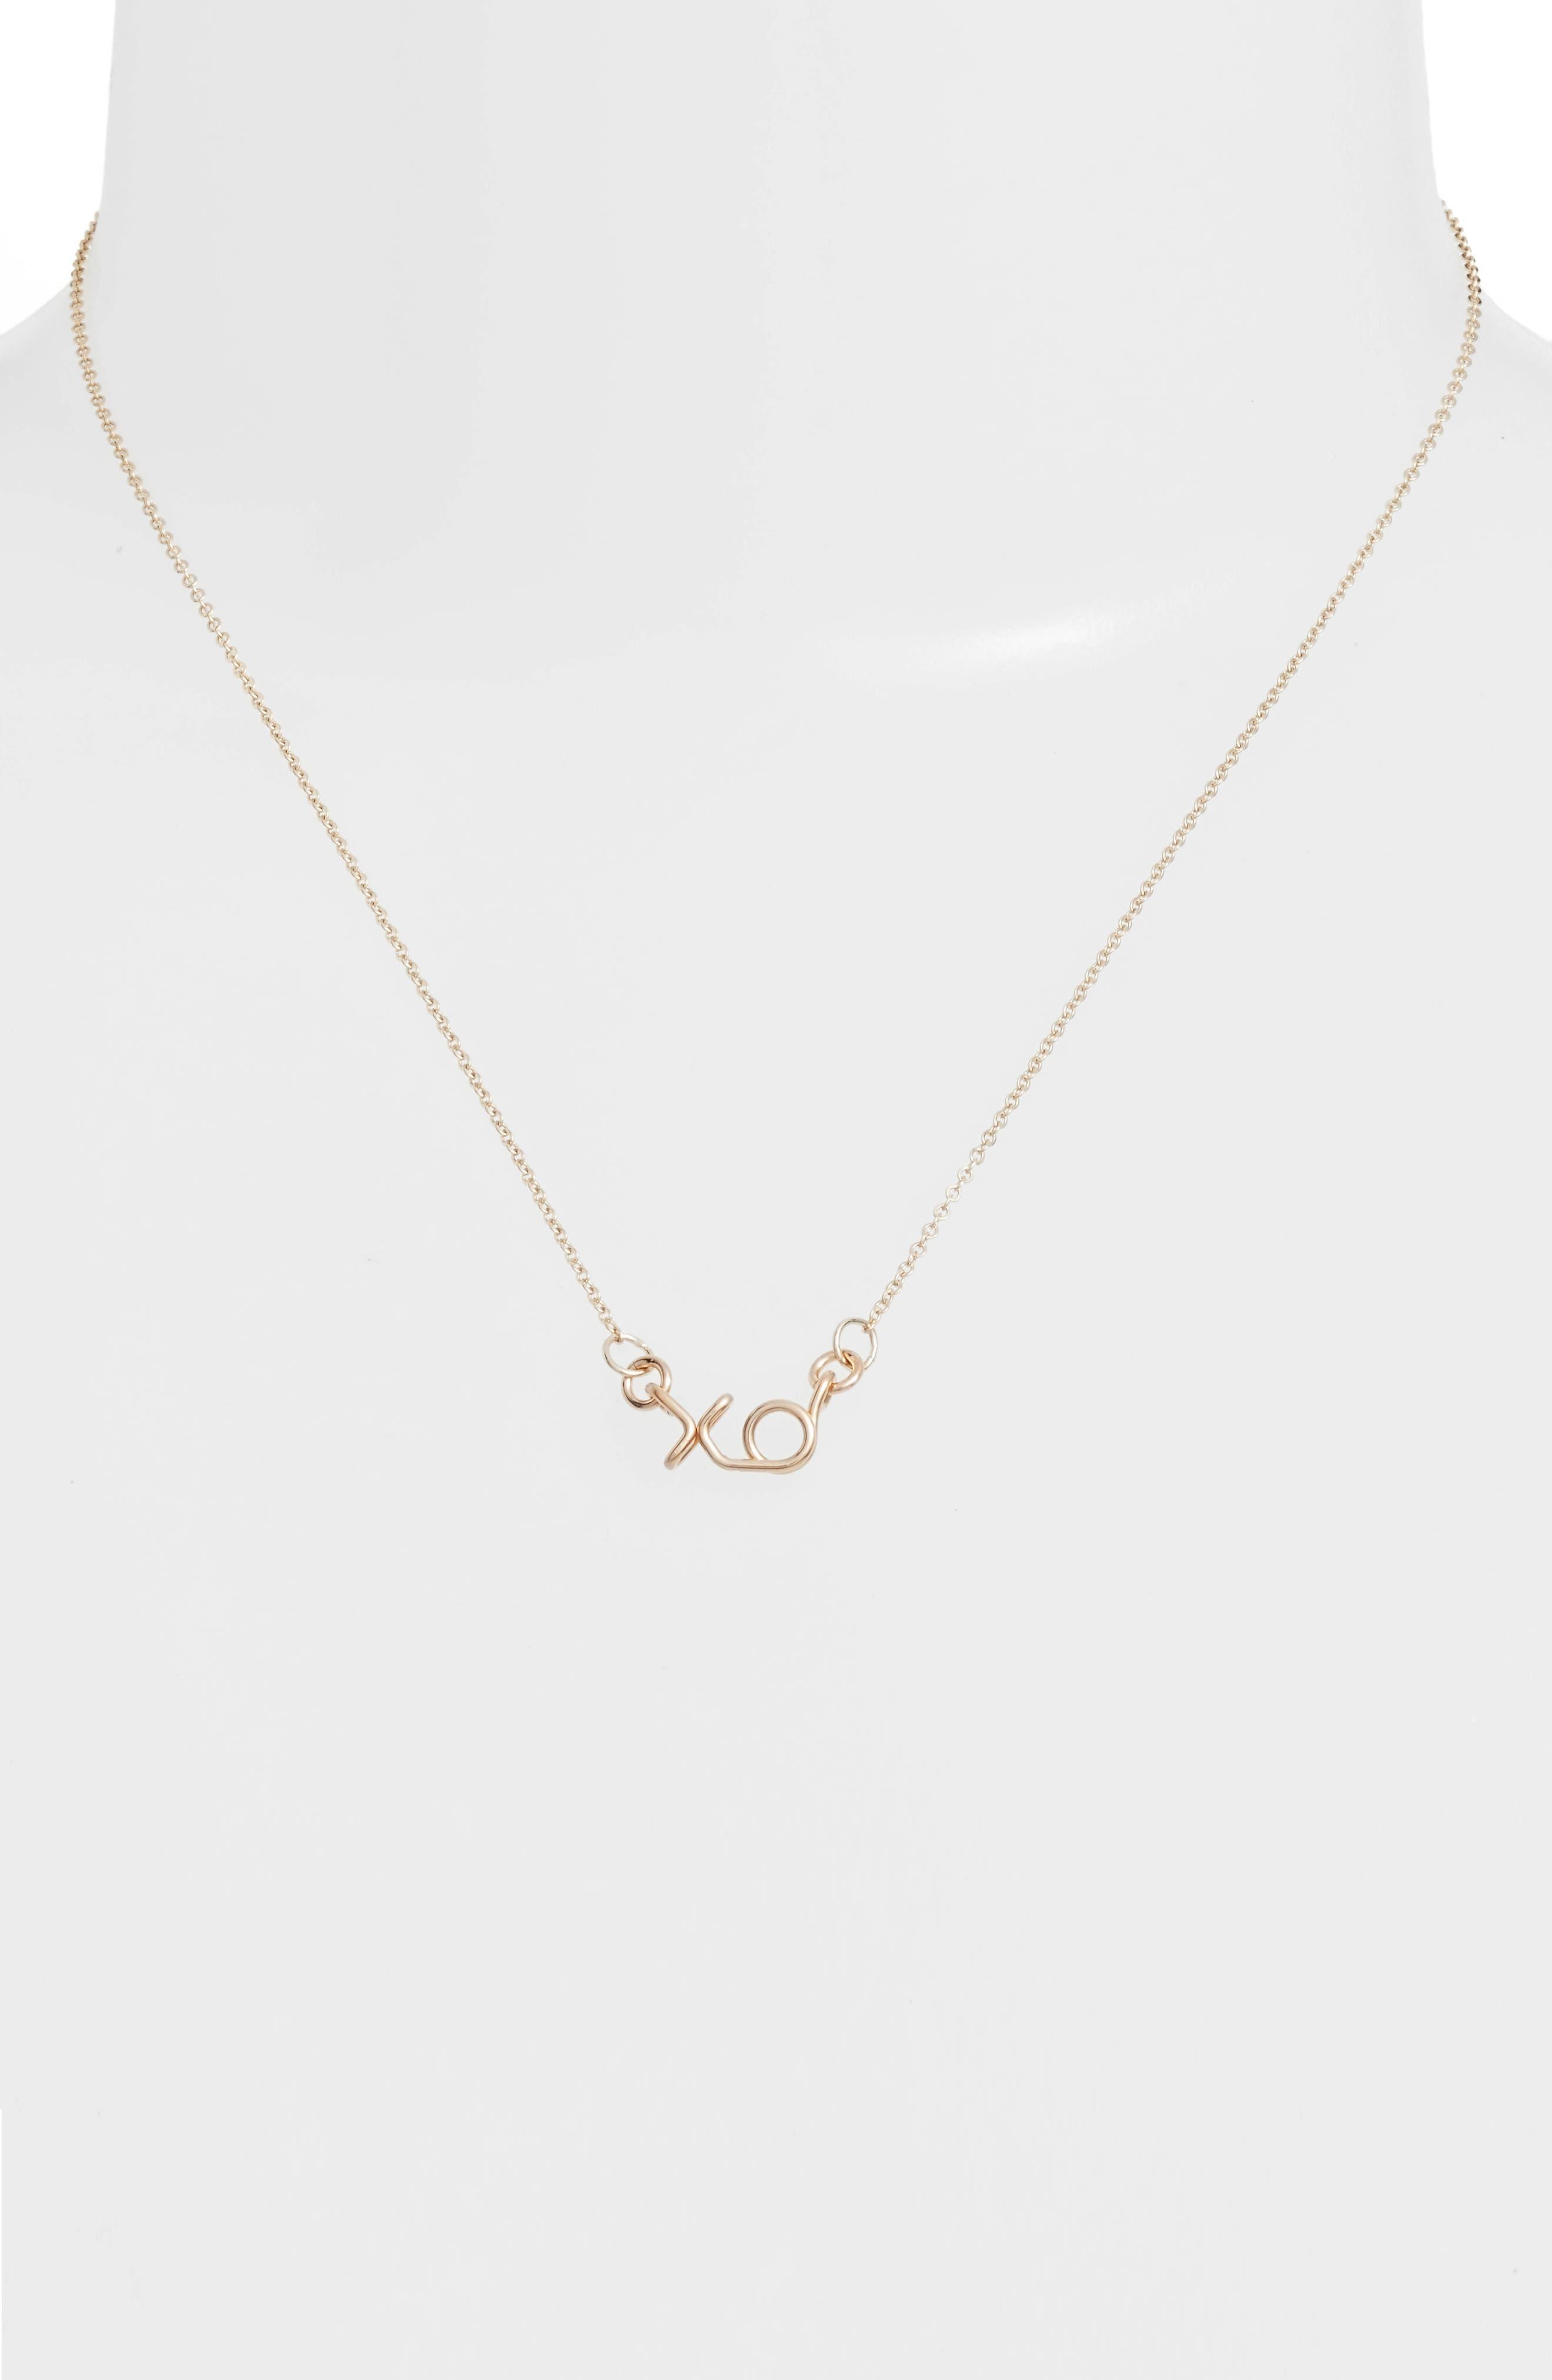 Mini XO Pendant Necklace,                             Alternate thumbnail 2, color,                             Gold